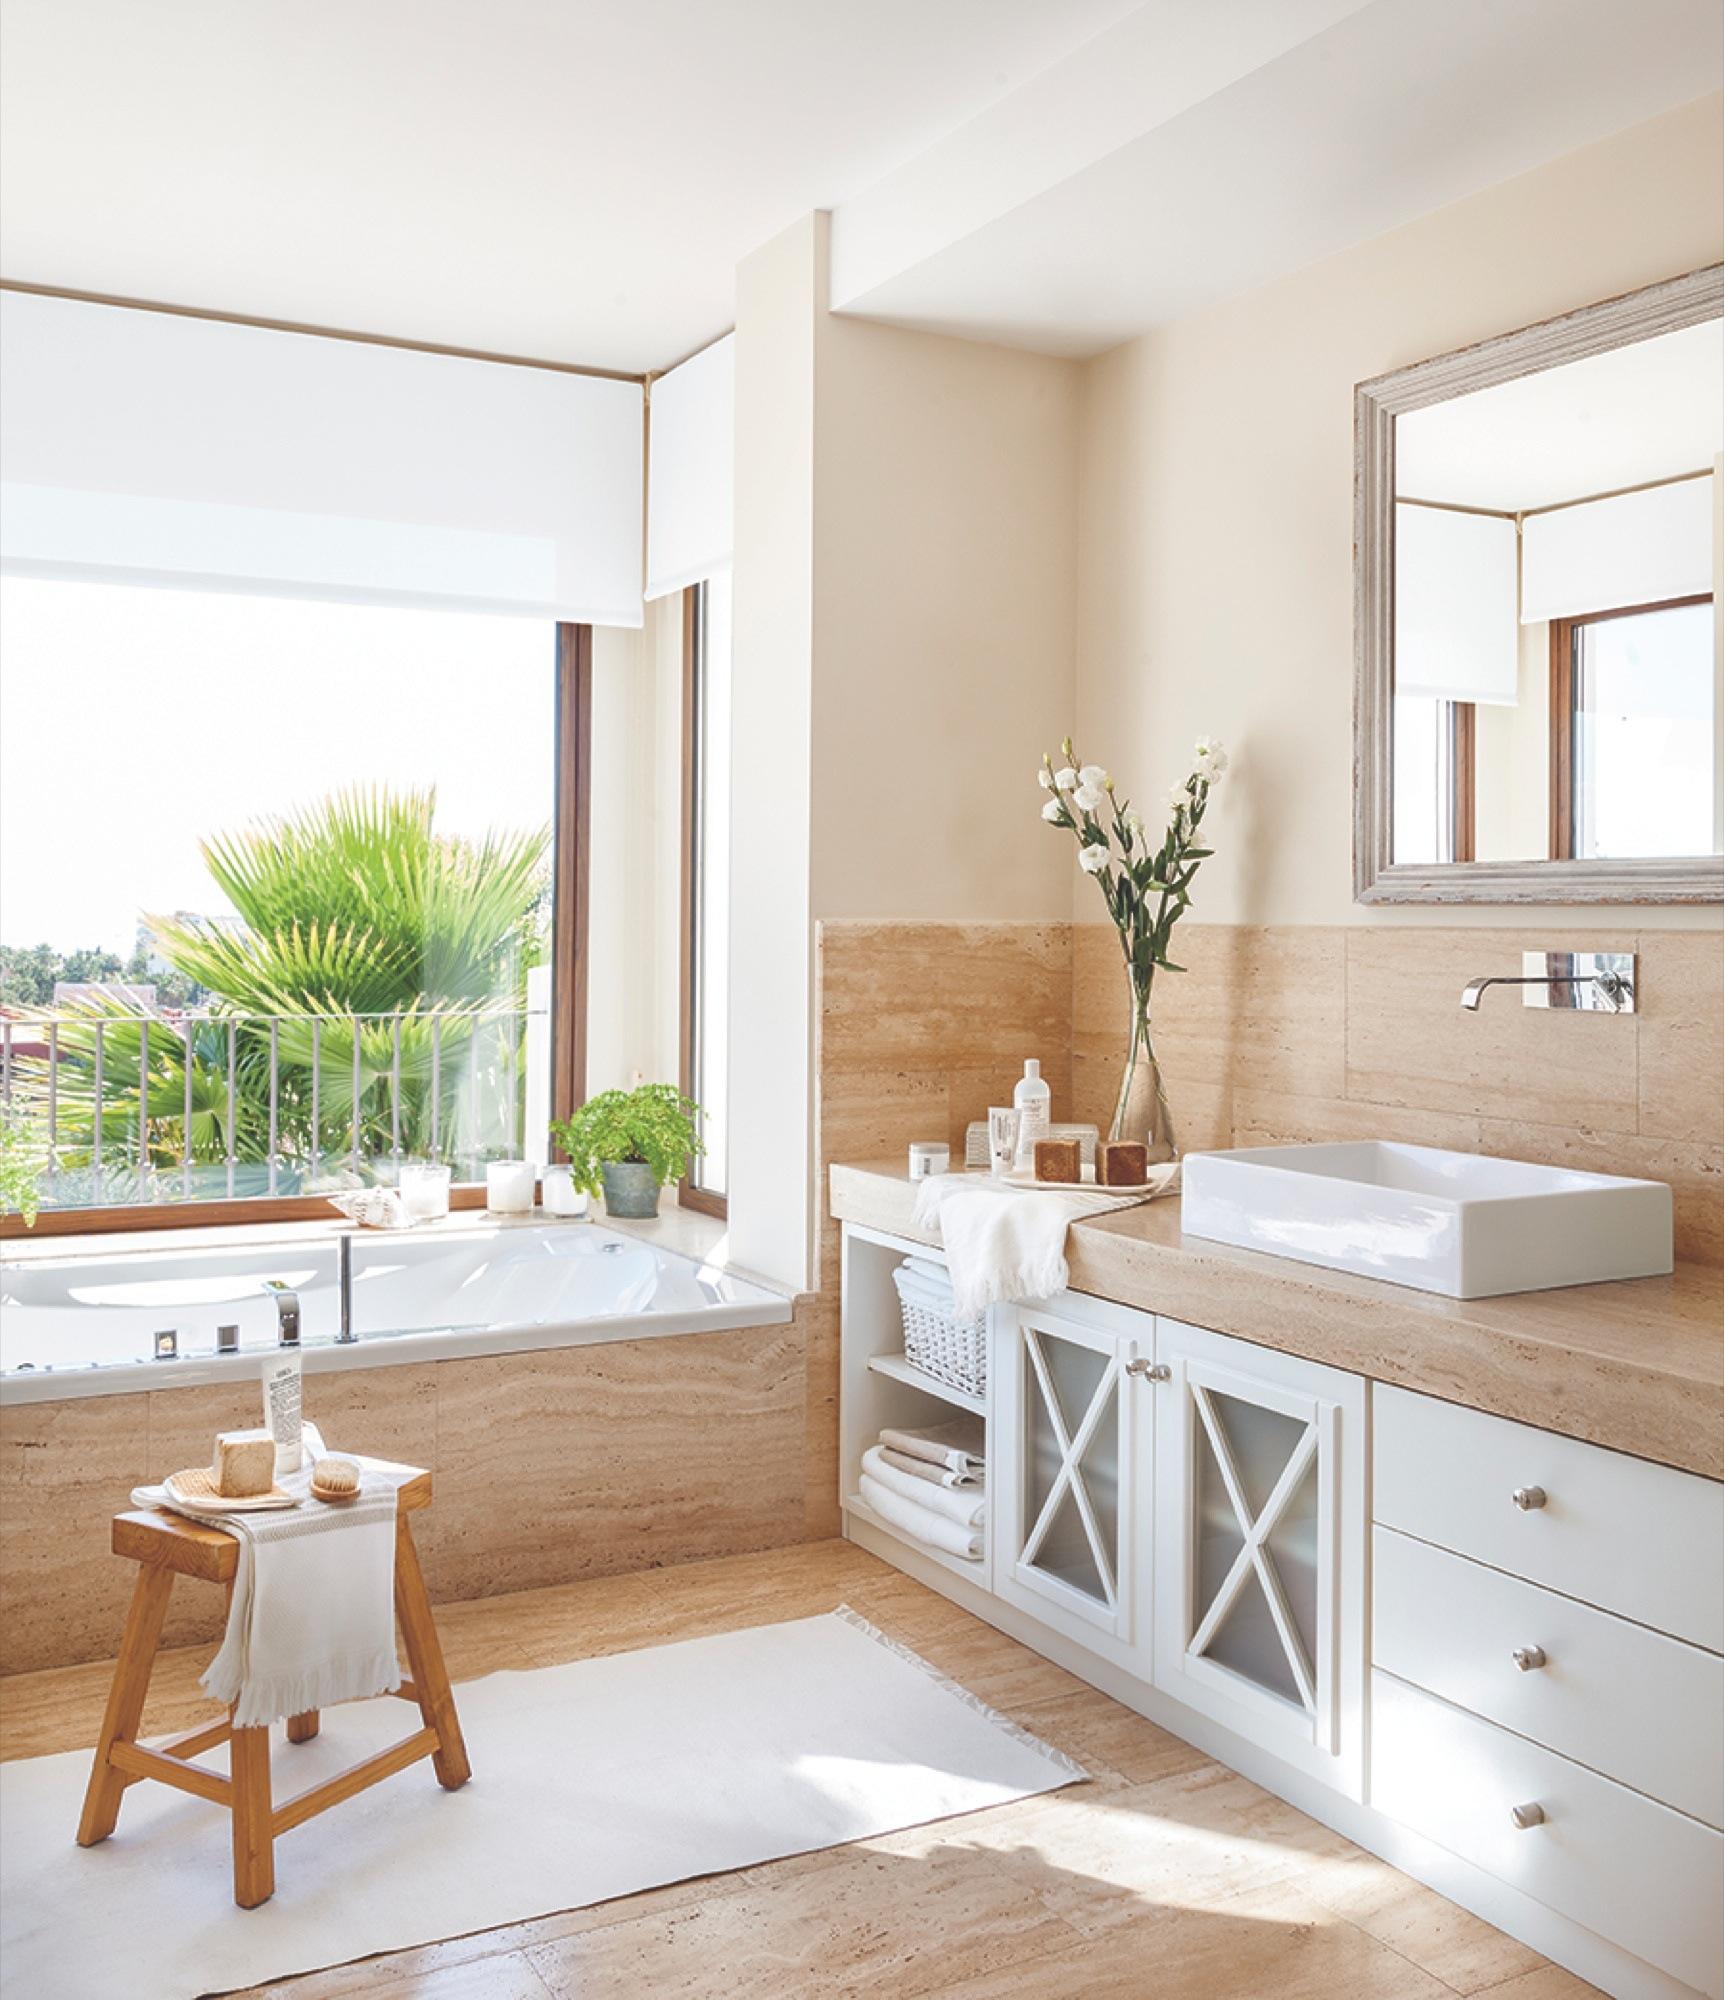 Baños con ideas super prácticas – chispis.com